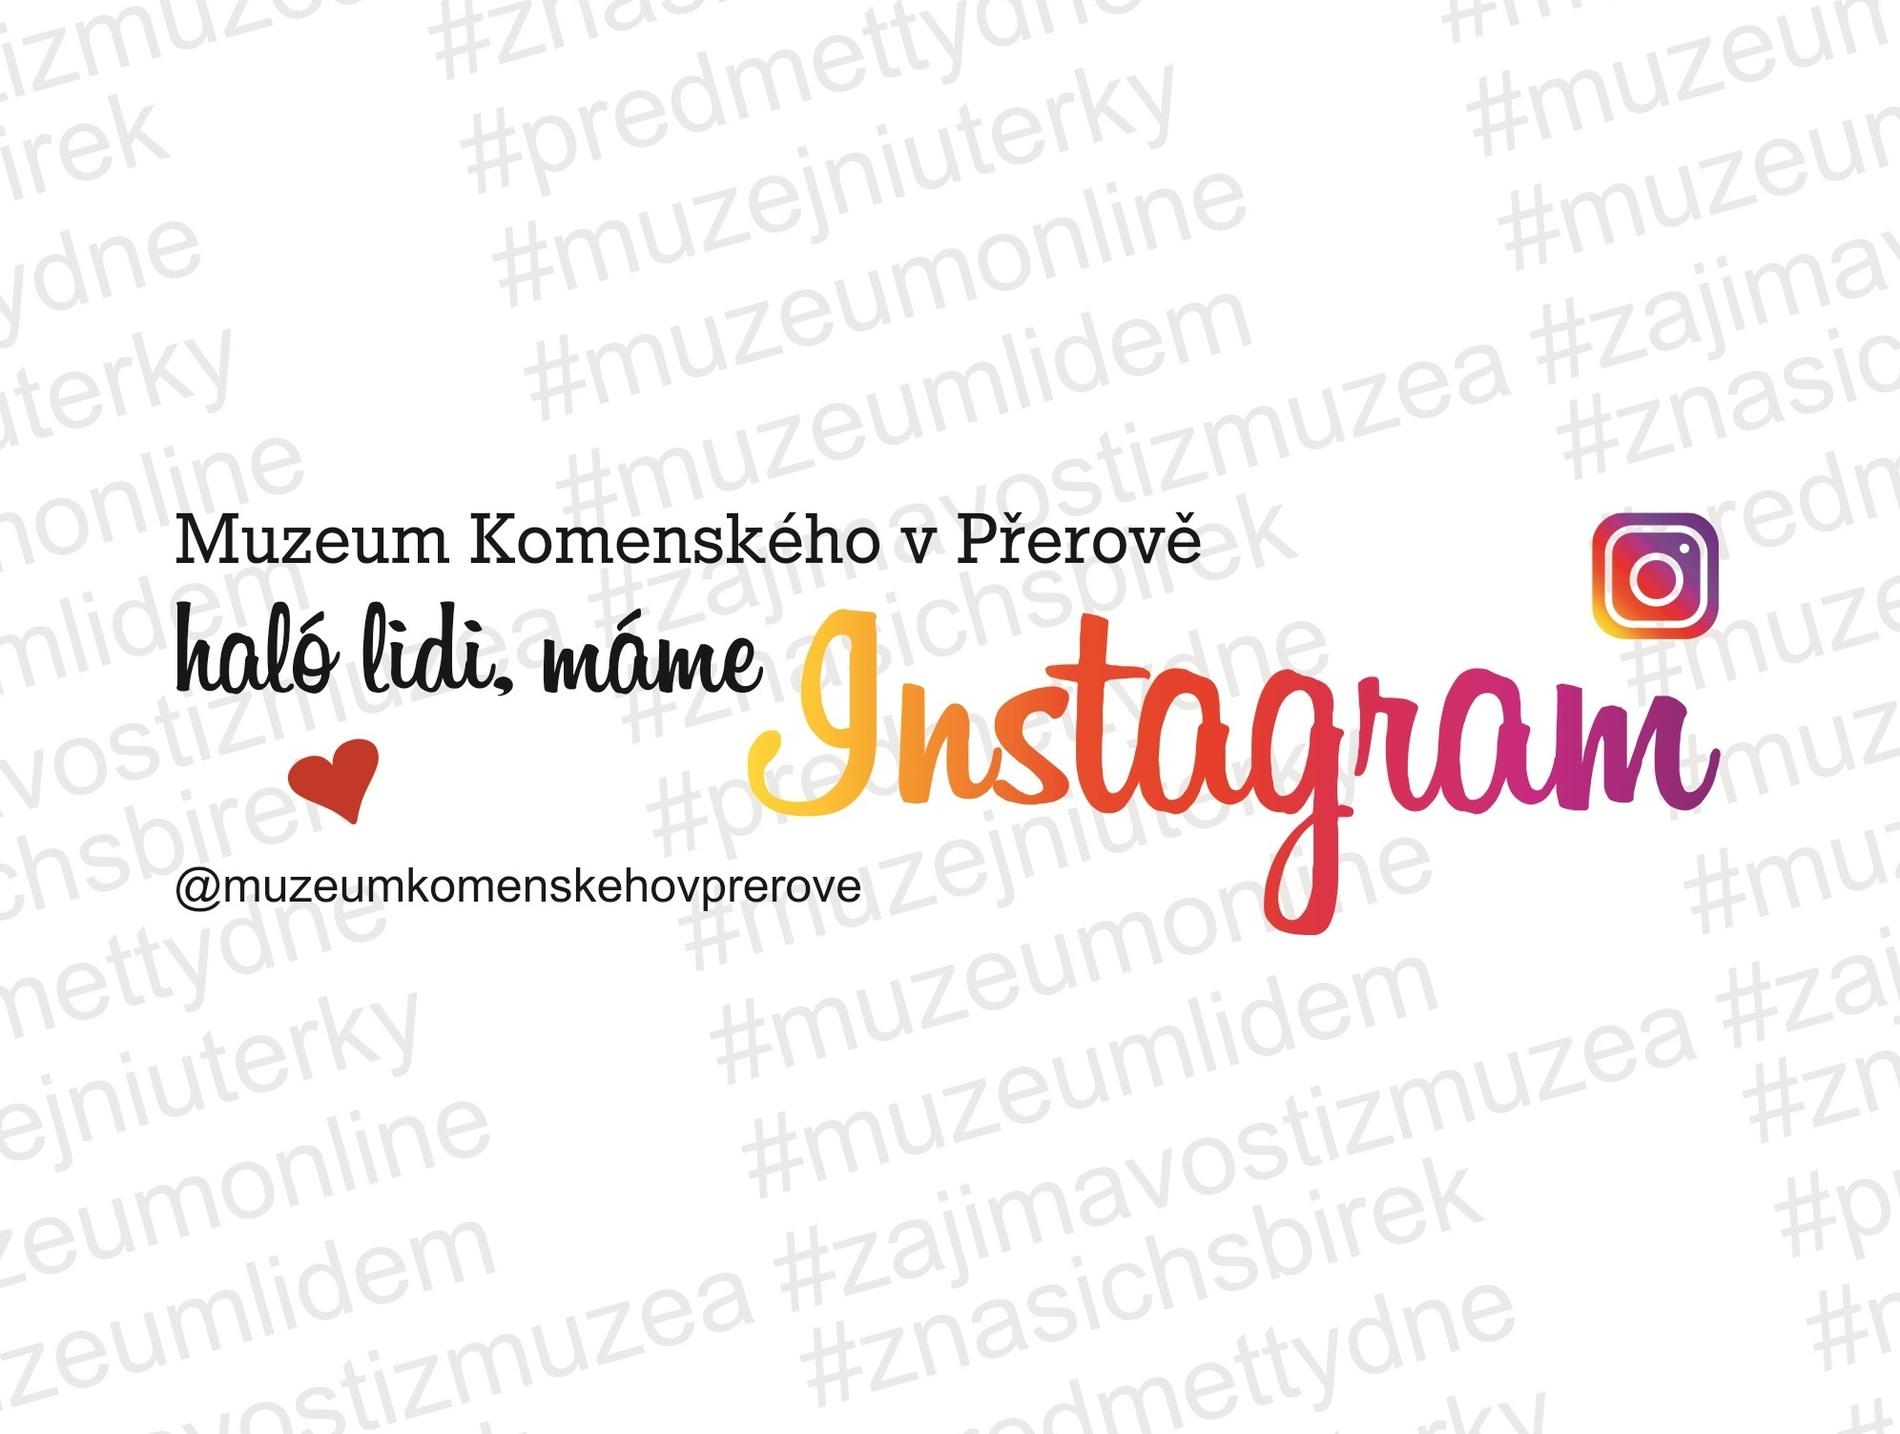 Muzeum Komenského v Přerově je na Instagramu!